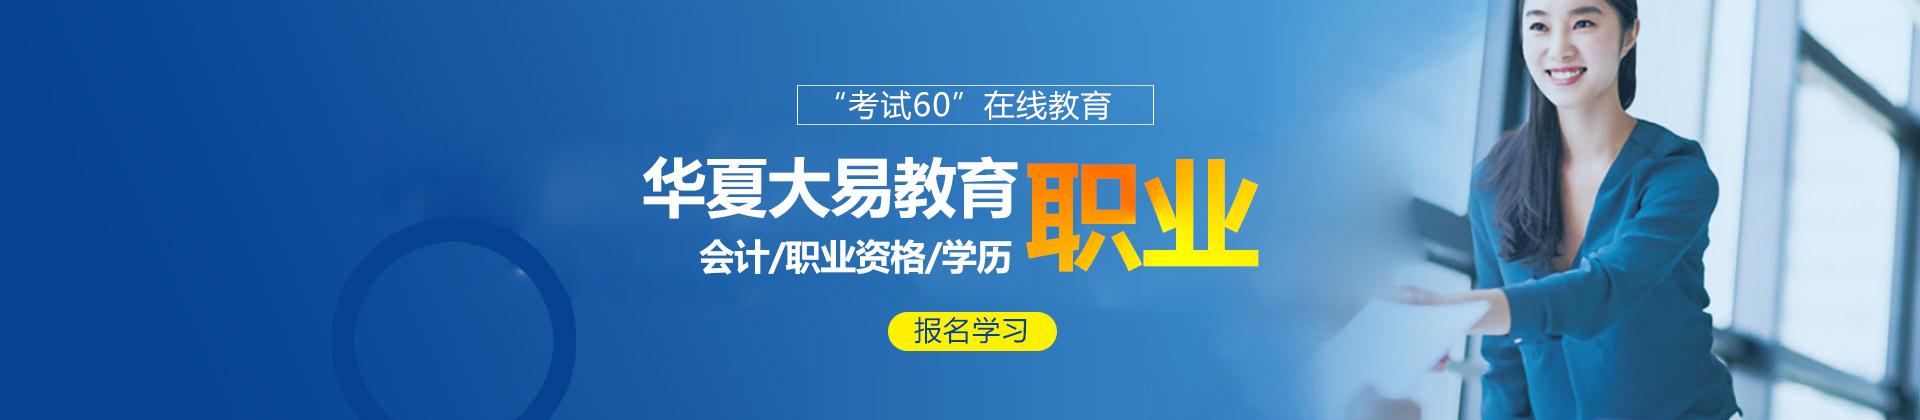 天津華夏大易教育